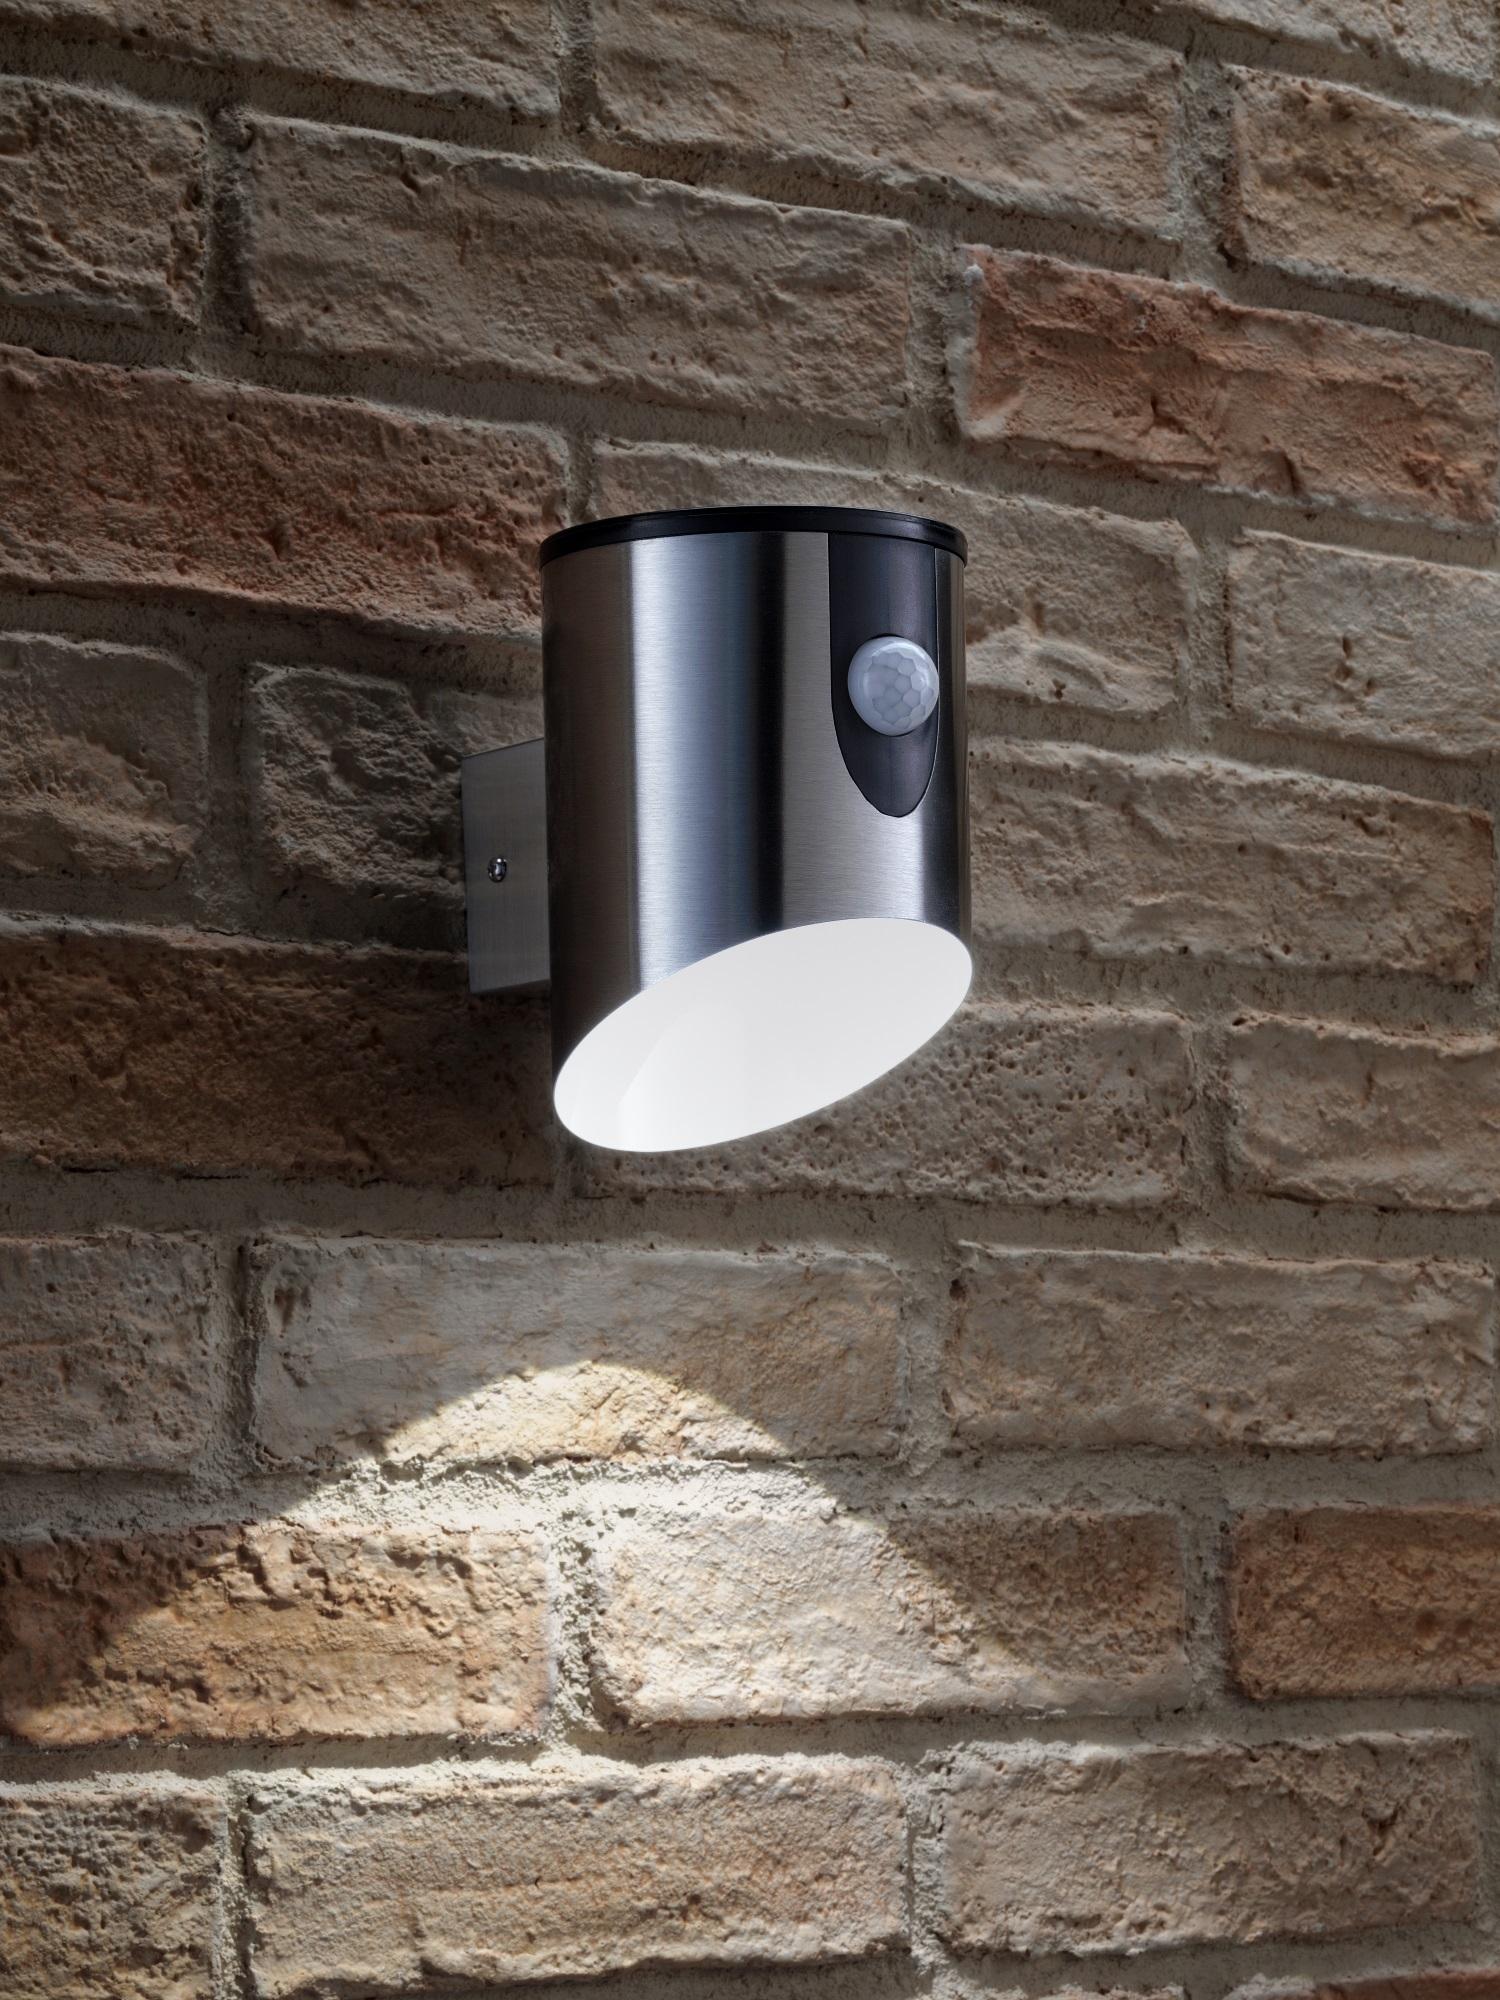 details about auraglow battery powered wireless outdoor steal pir motion sensor led wall light